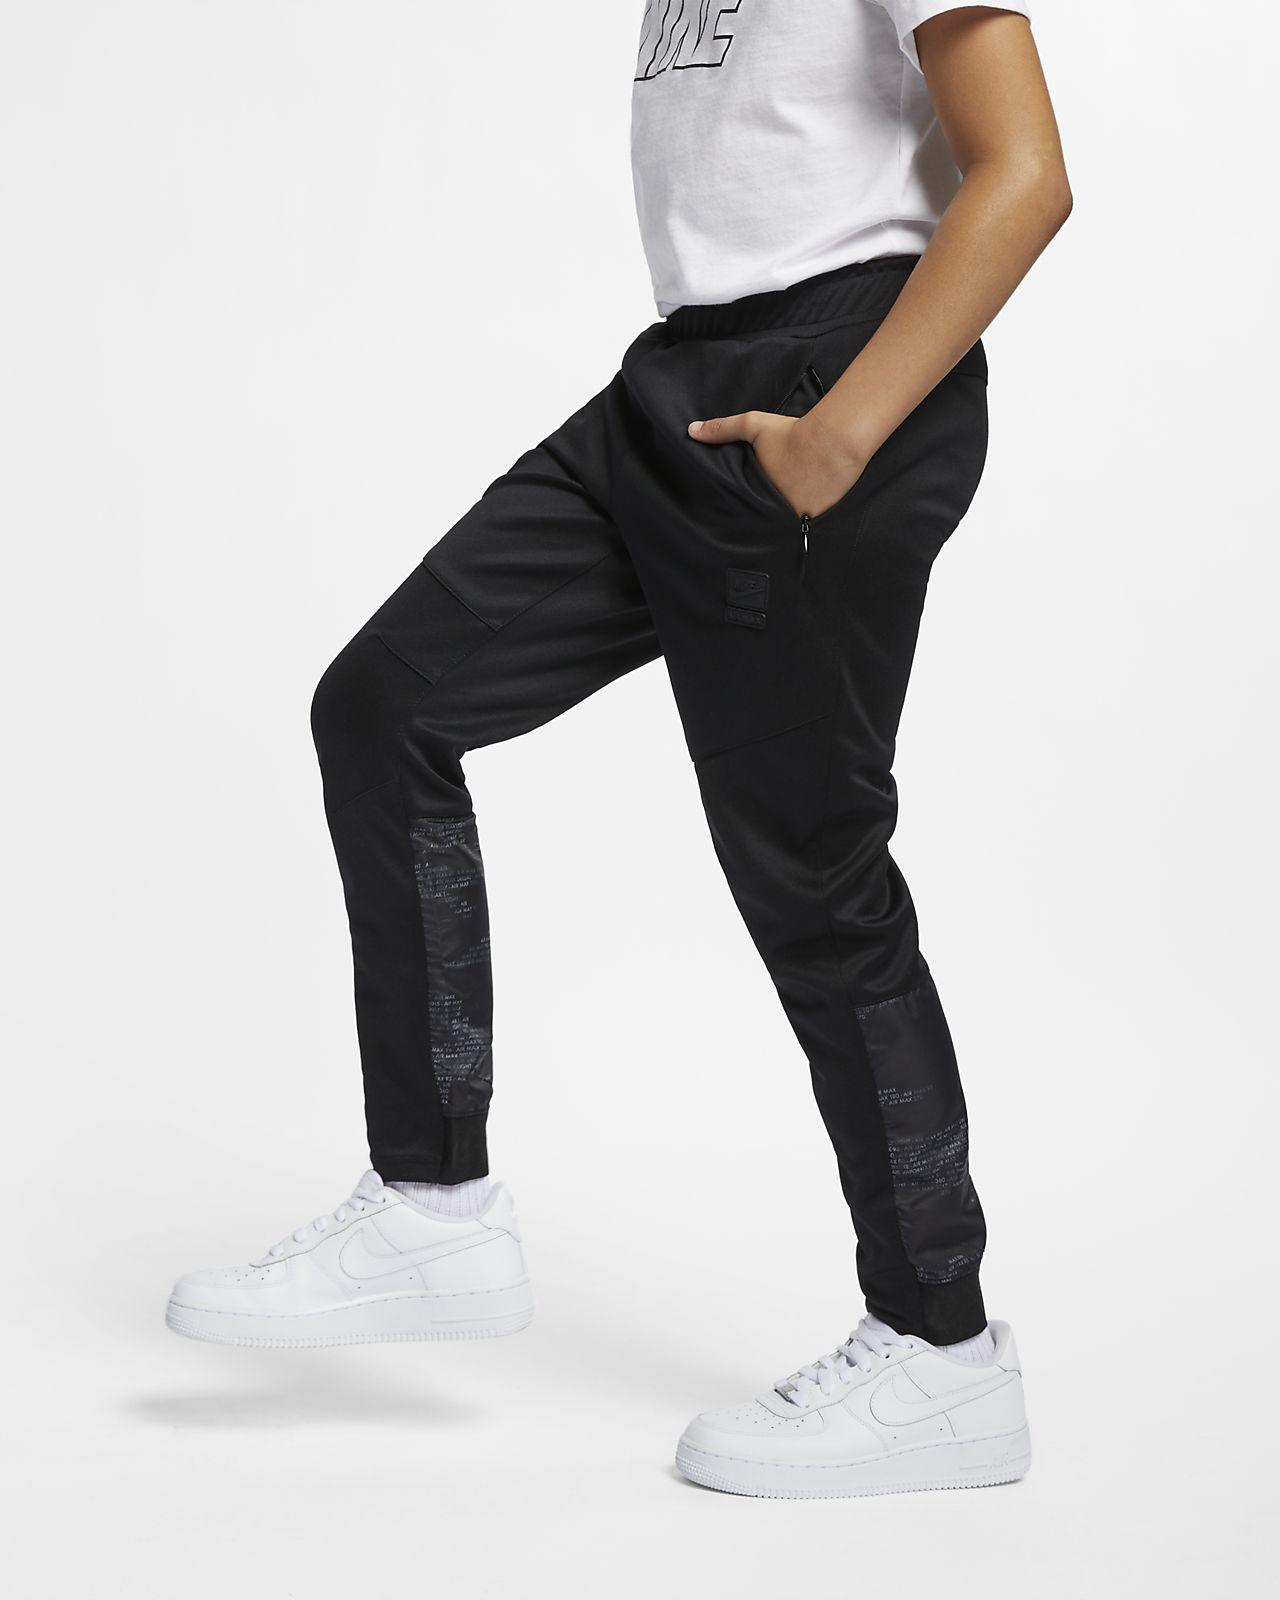 Παντελόνι φόρμας Nike Sportswear για μεγάλα αγόρια